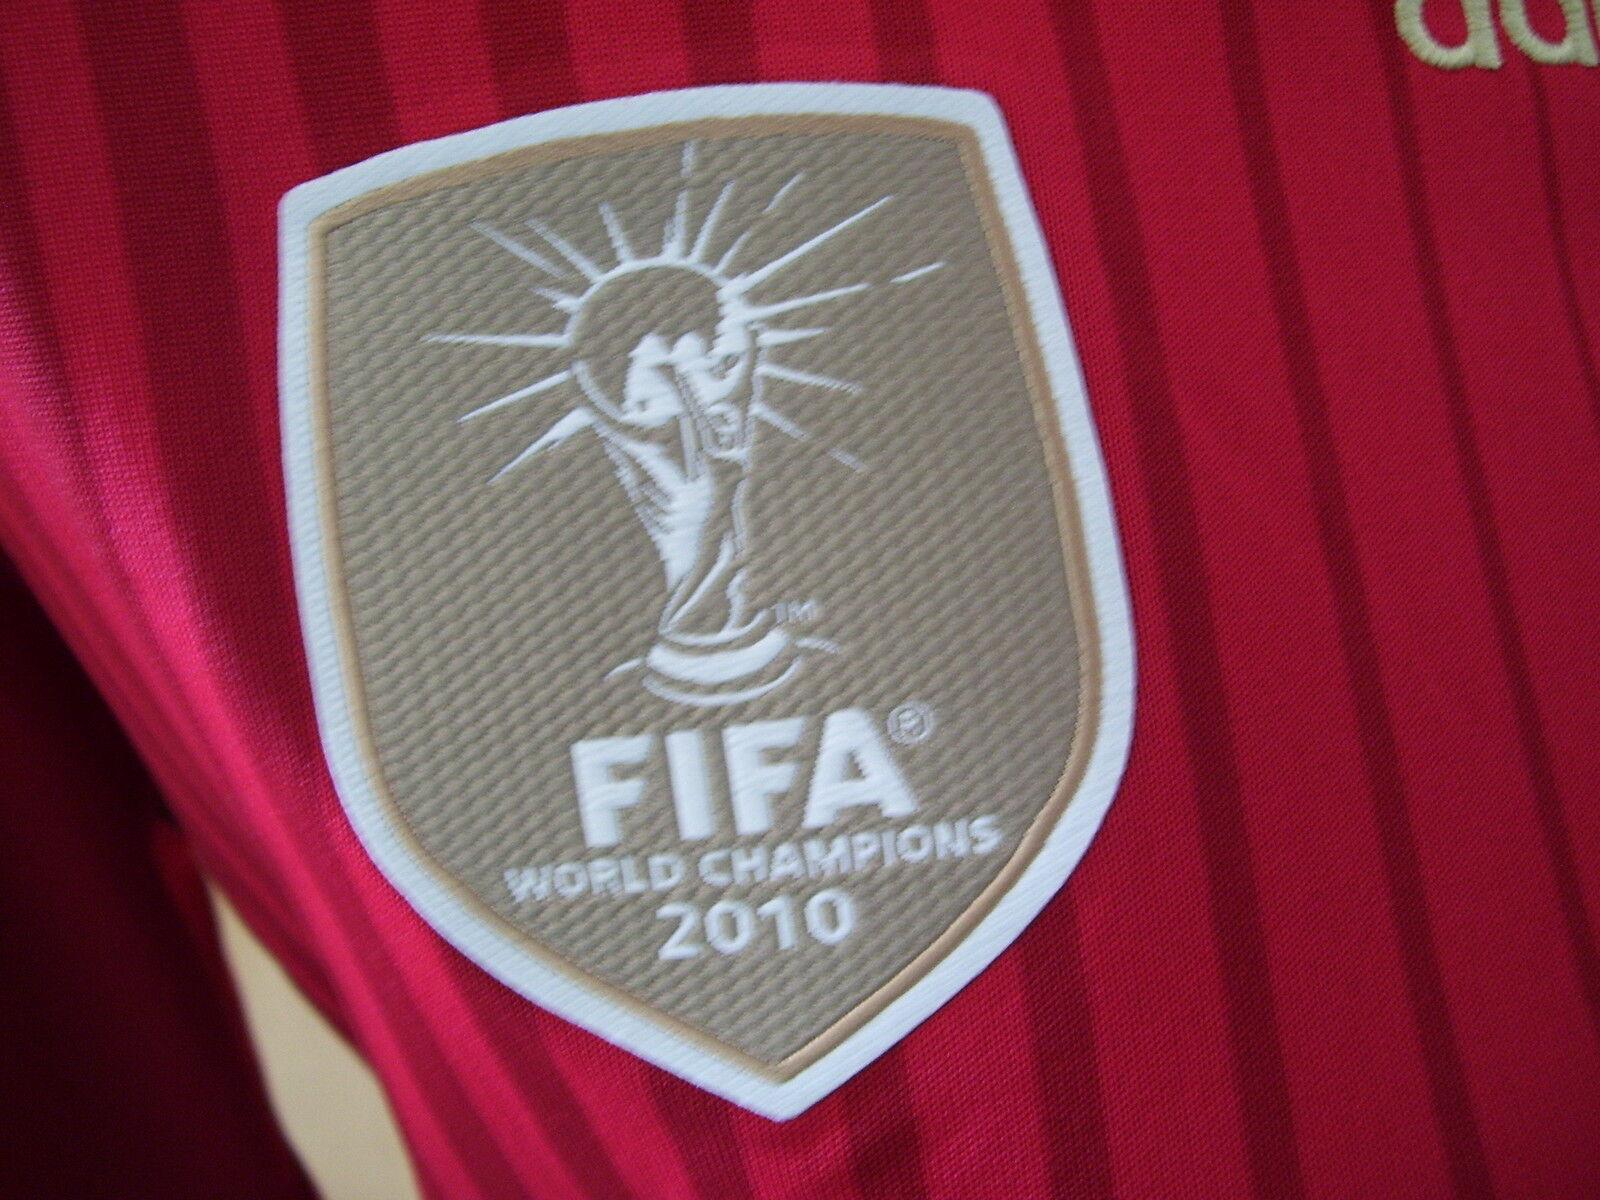 Spanien adidas Fifa 2010 Trikot Kids Home Jersey G85231 Shirt Shirt Shirt 176 neu 53f3d8